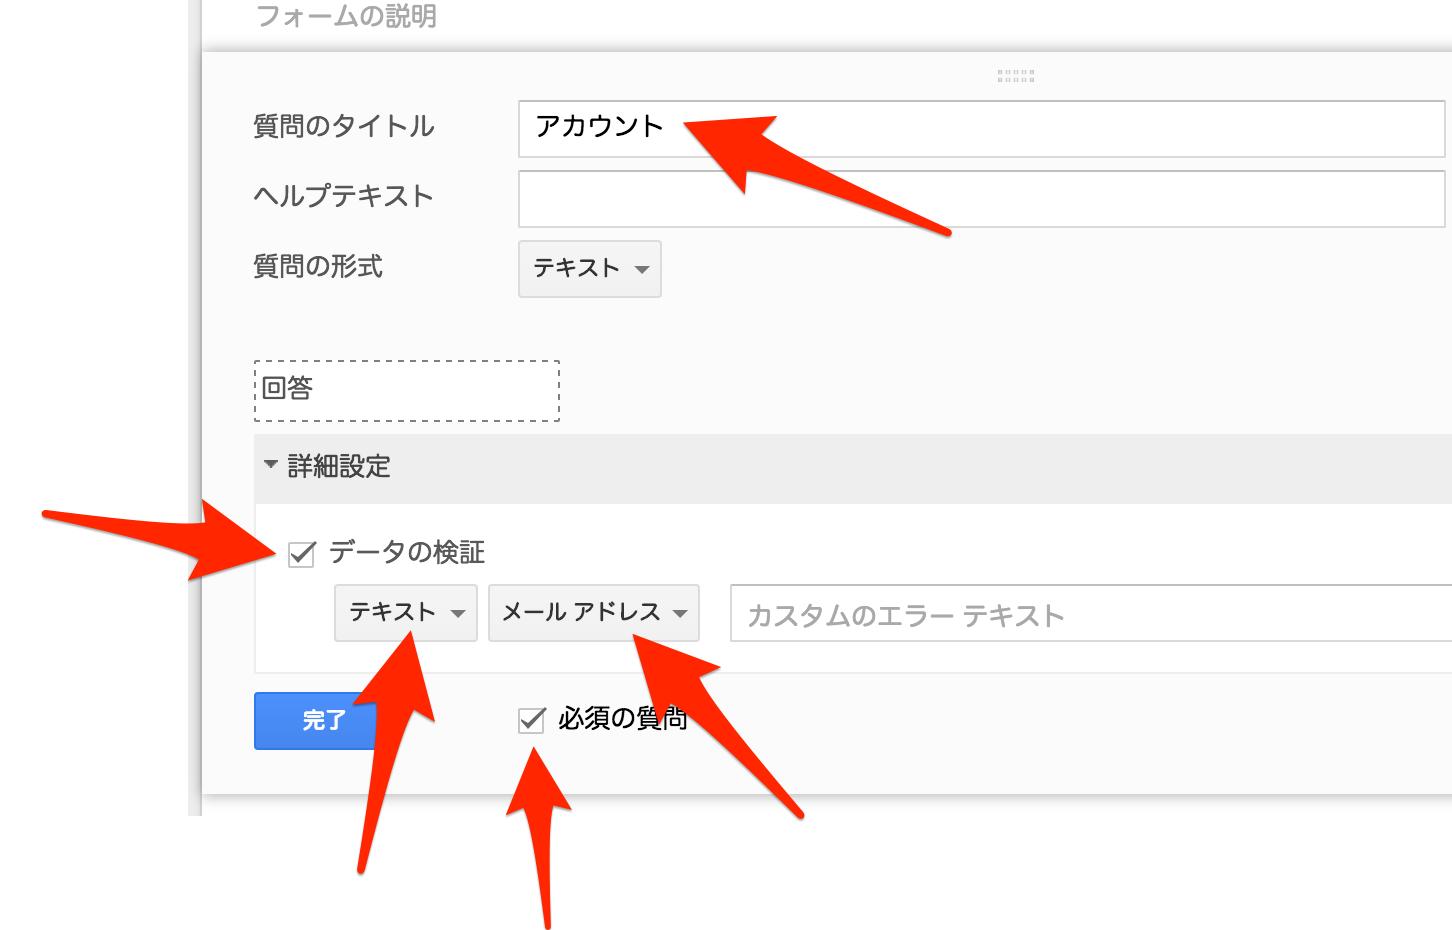 無題のフォーム_-_Google_フォーム.png